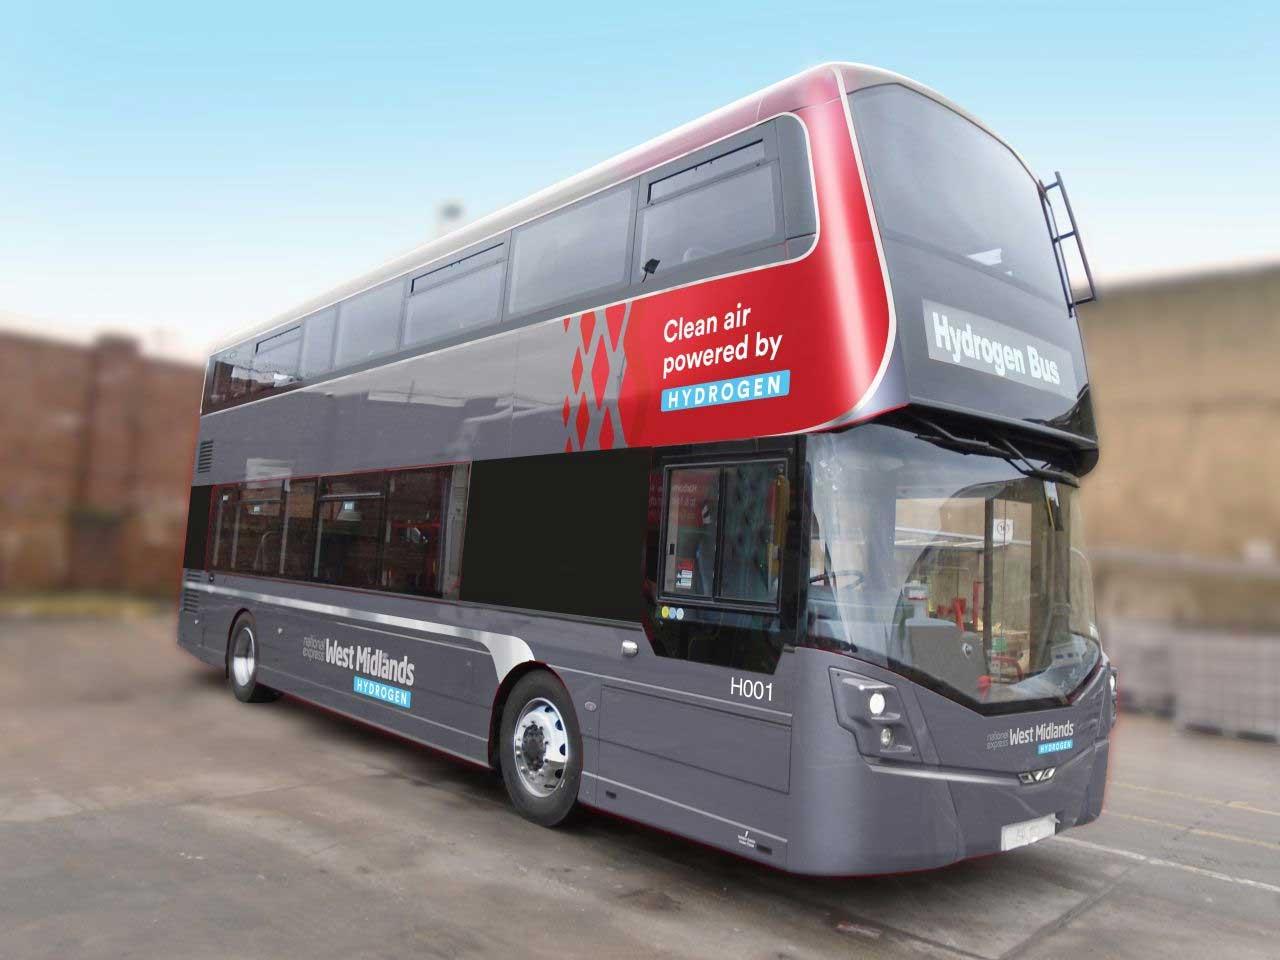 De nouveaux bus à hydrogène pour l'Angleterre